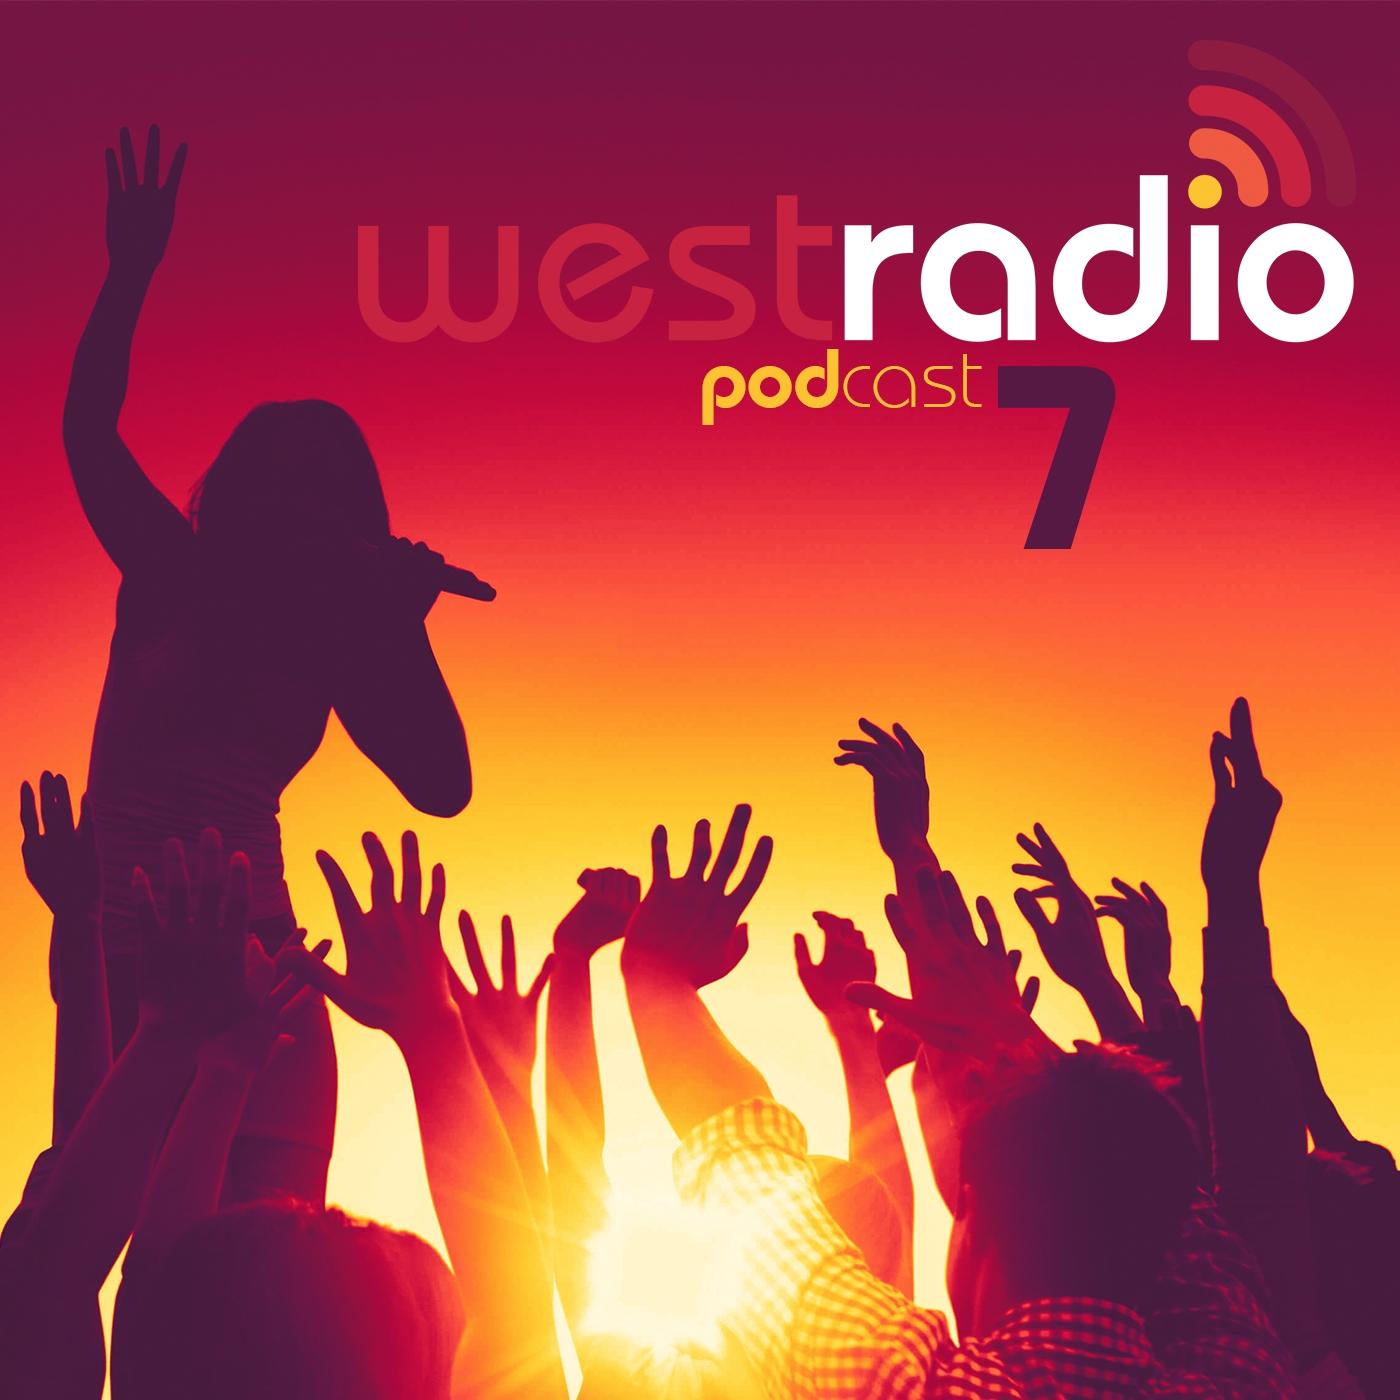 WestRadio - Podcast - 7.0